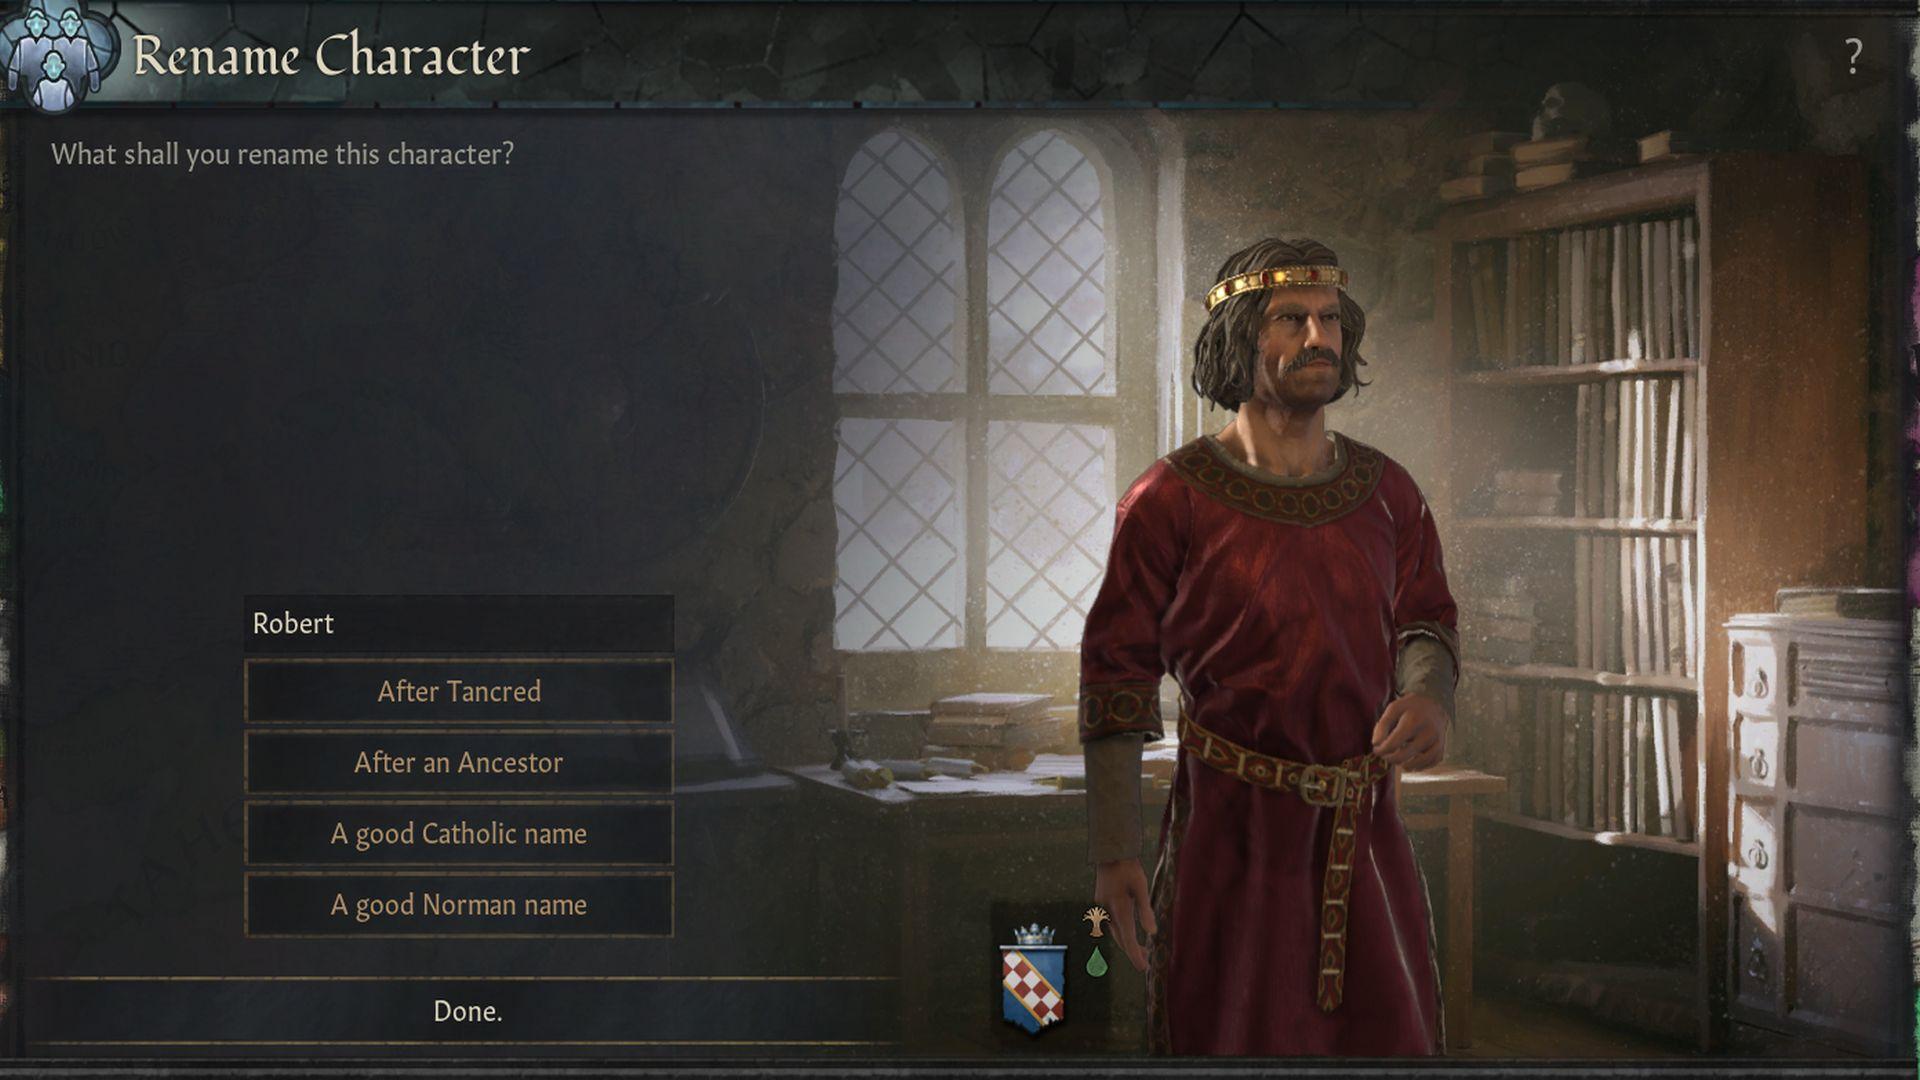 Una captura de pantalla de Crusader Kings 3, con un nuevo menú de cambio de nombre de personaje